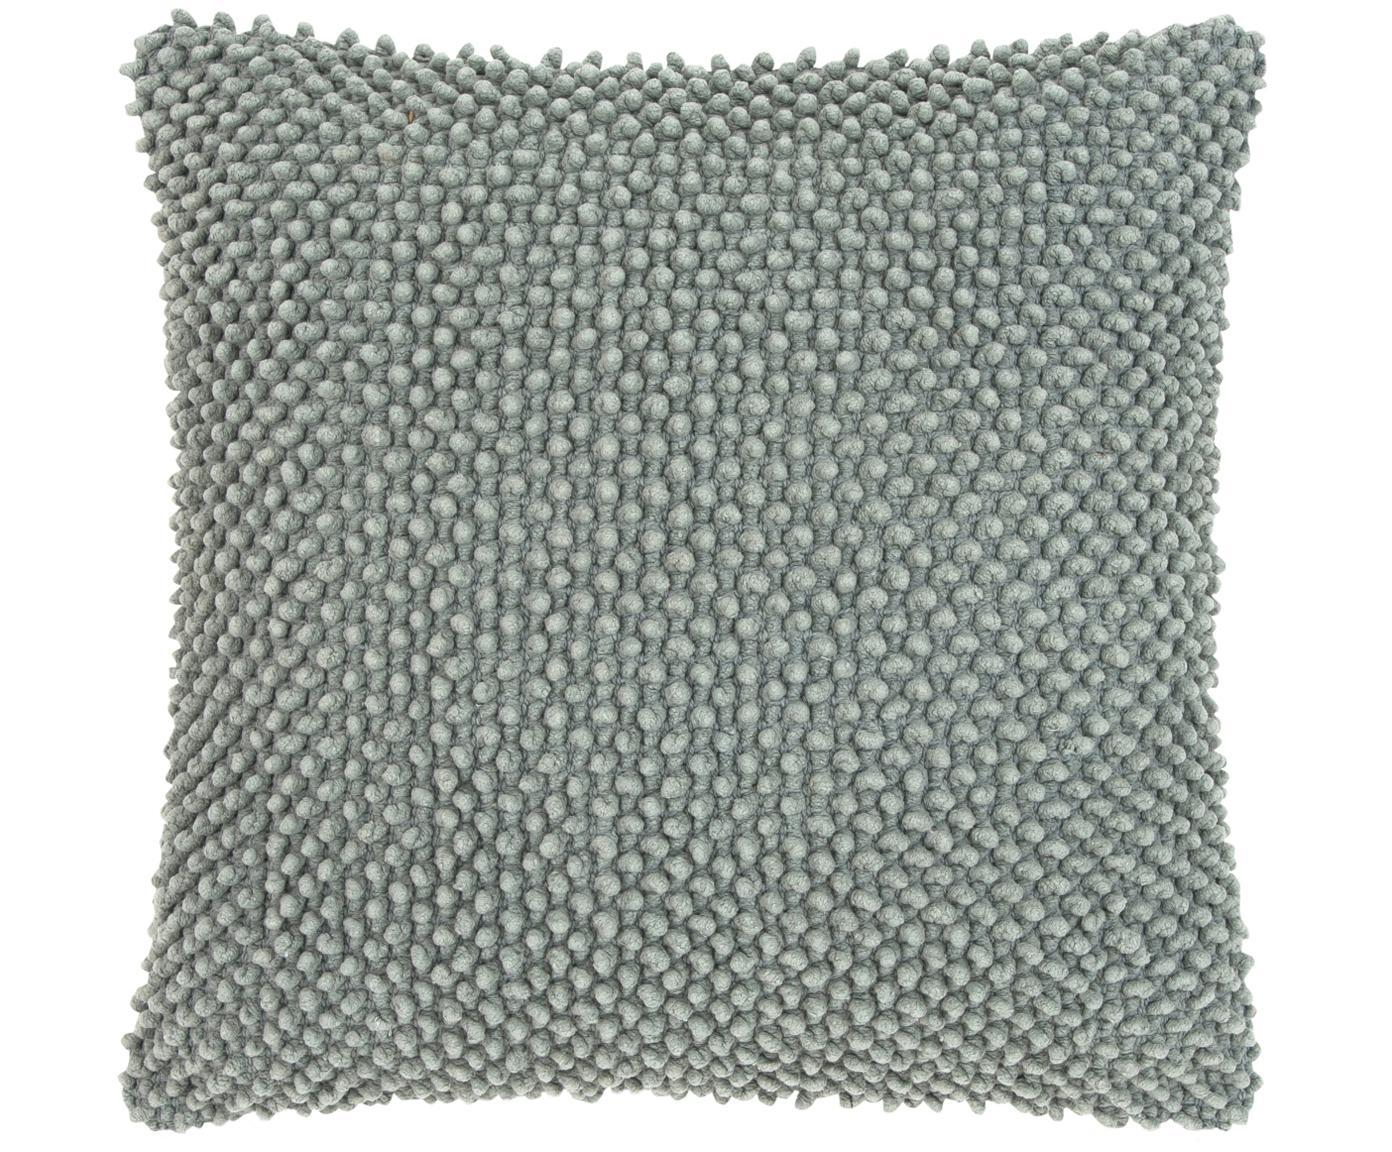 Kissenhülle Indi mit strukturierter Oberfläche, 100% Baumwolle, Salbeigrün, 45 x 45 cm